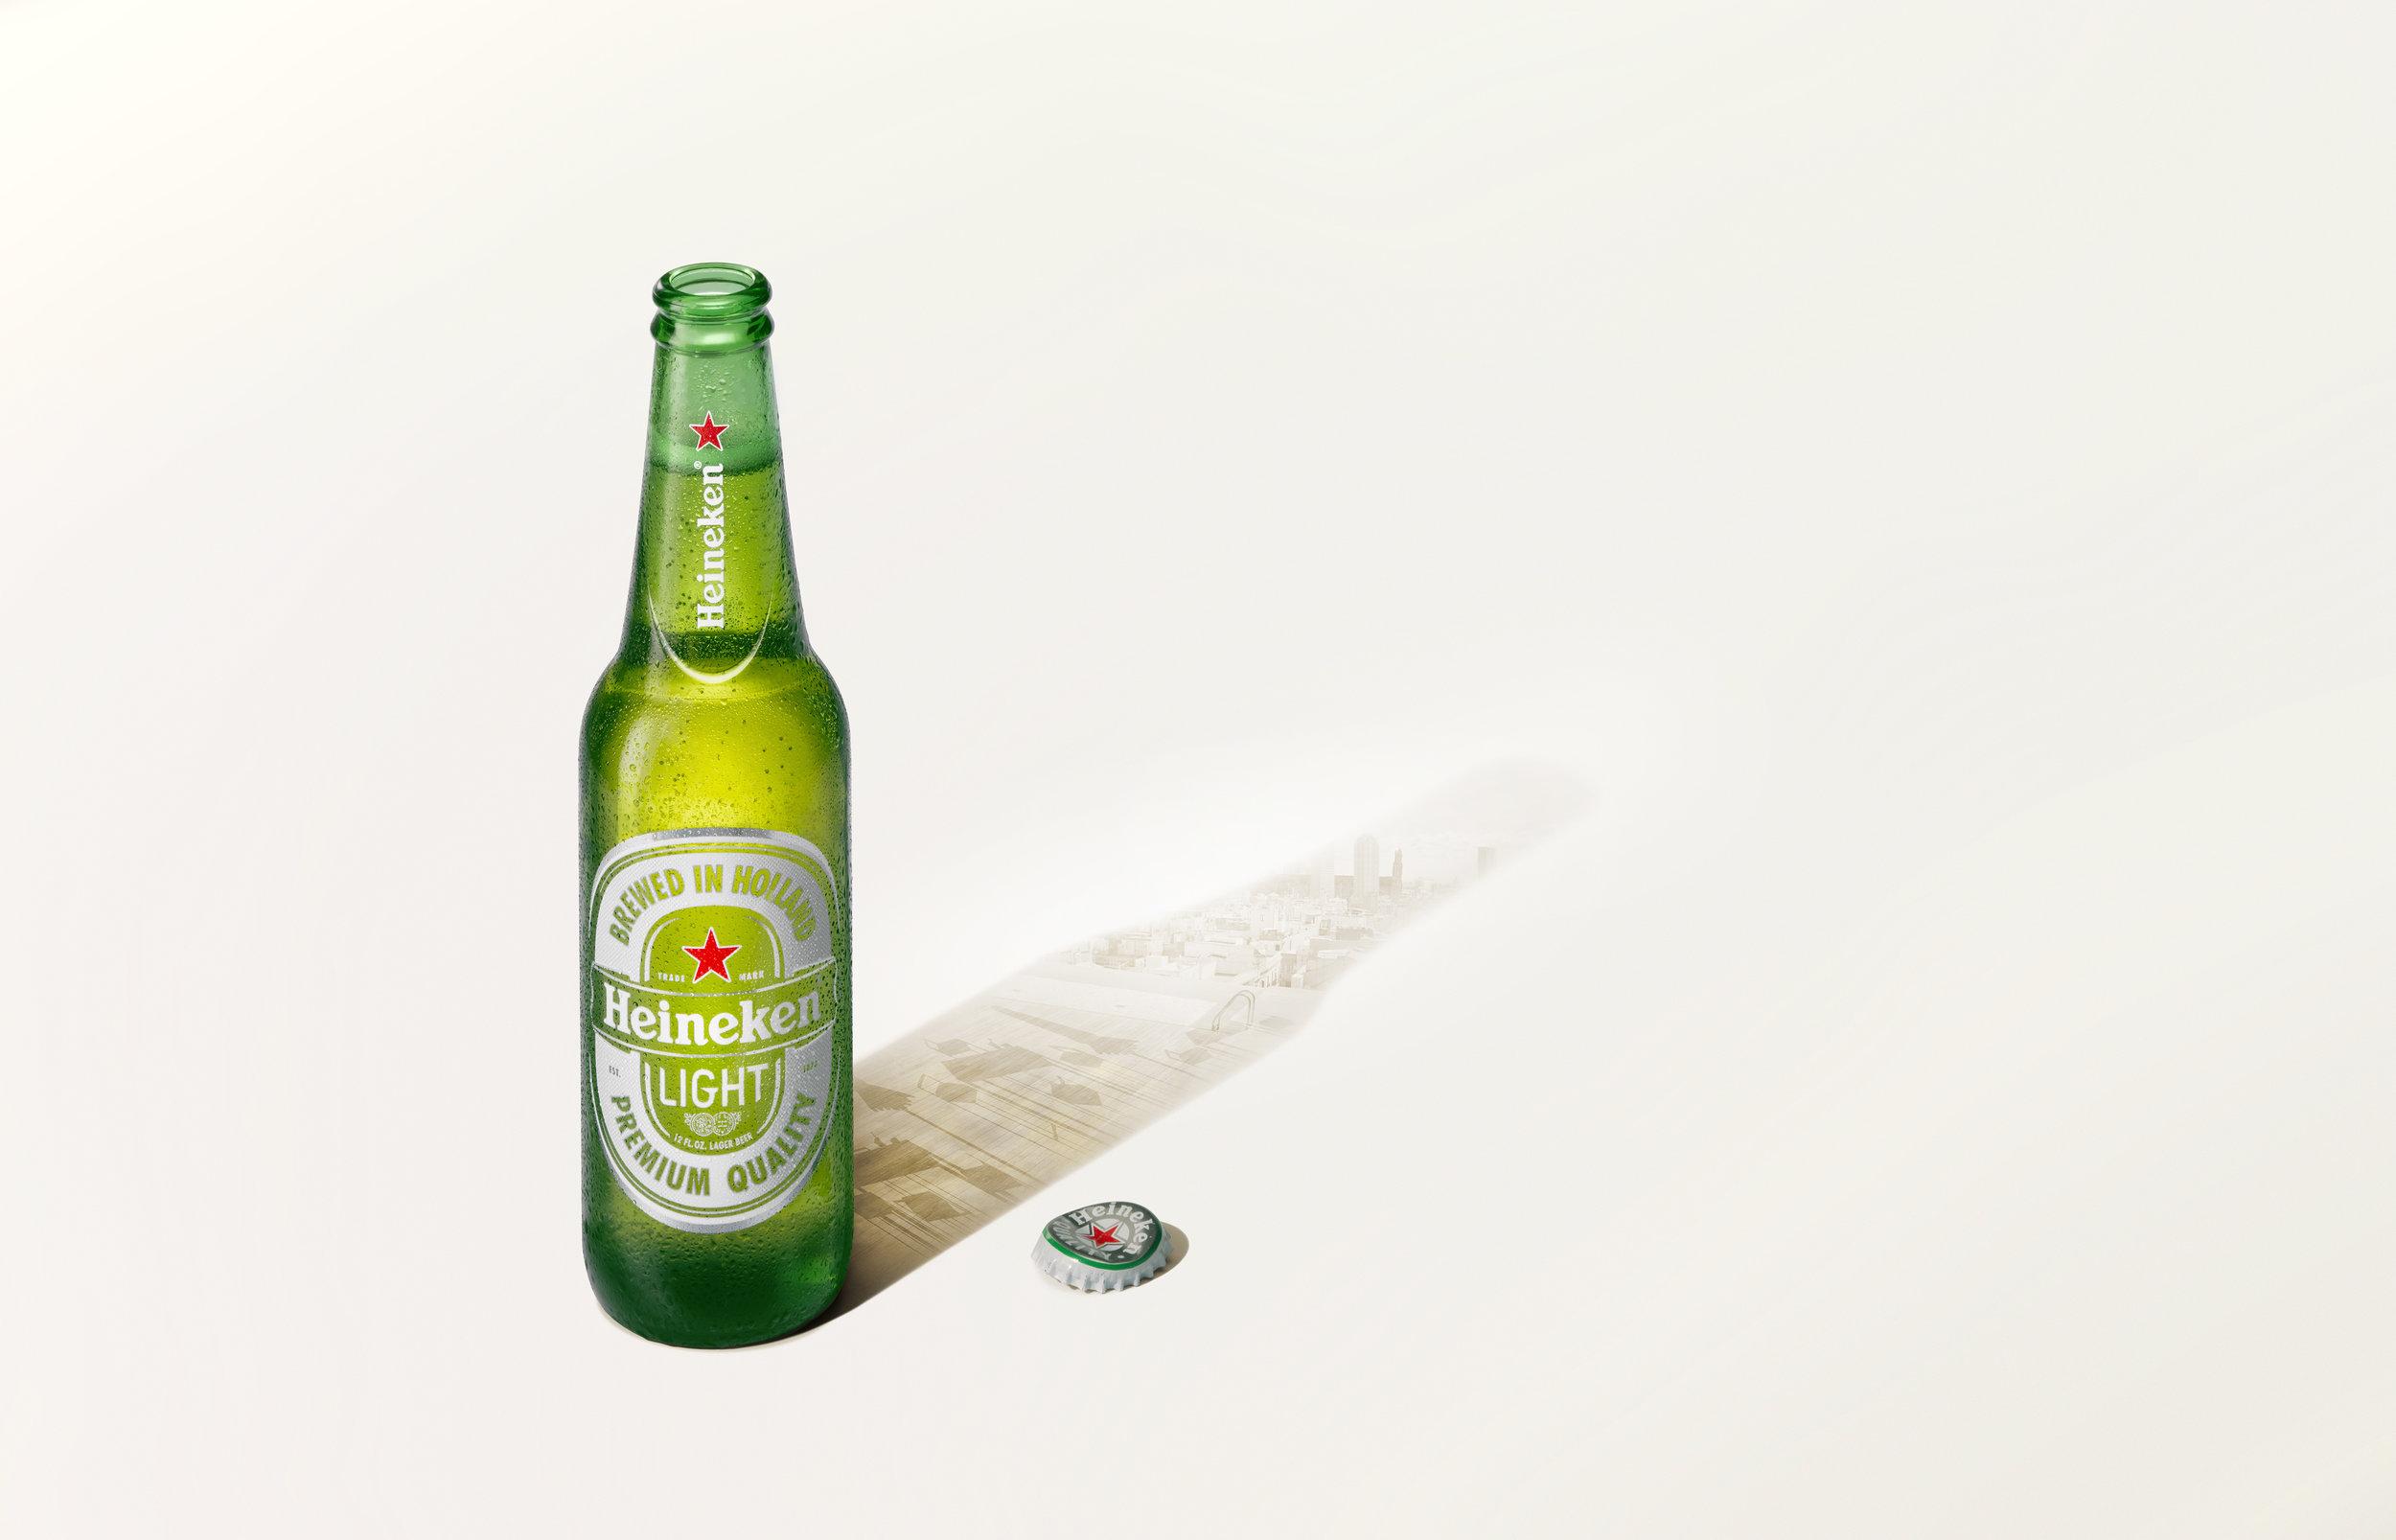 Heineken_bottle_back_L_check.jpg